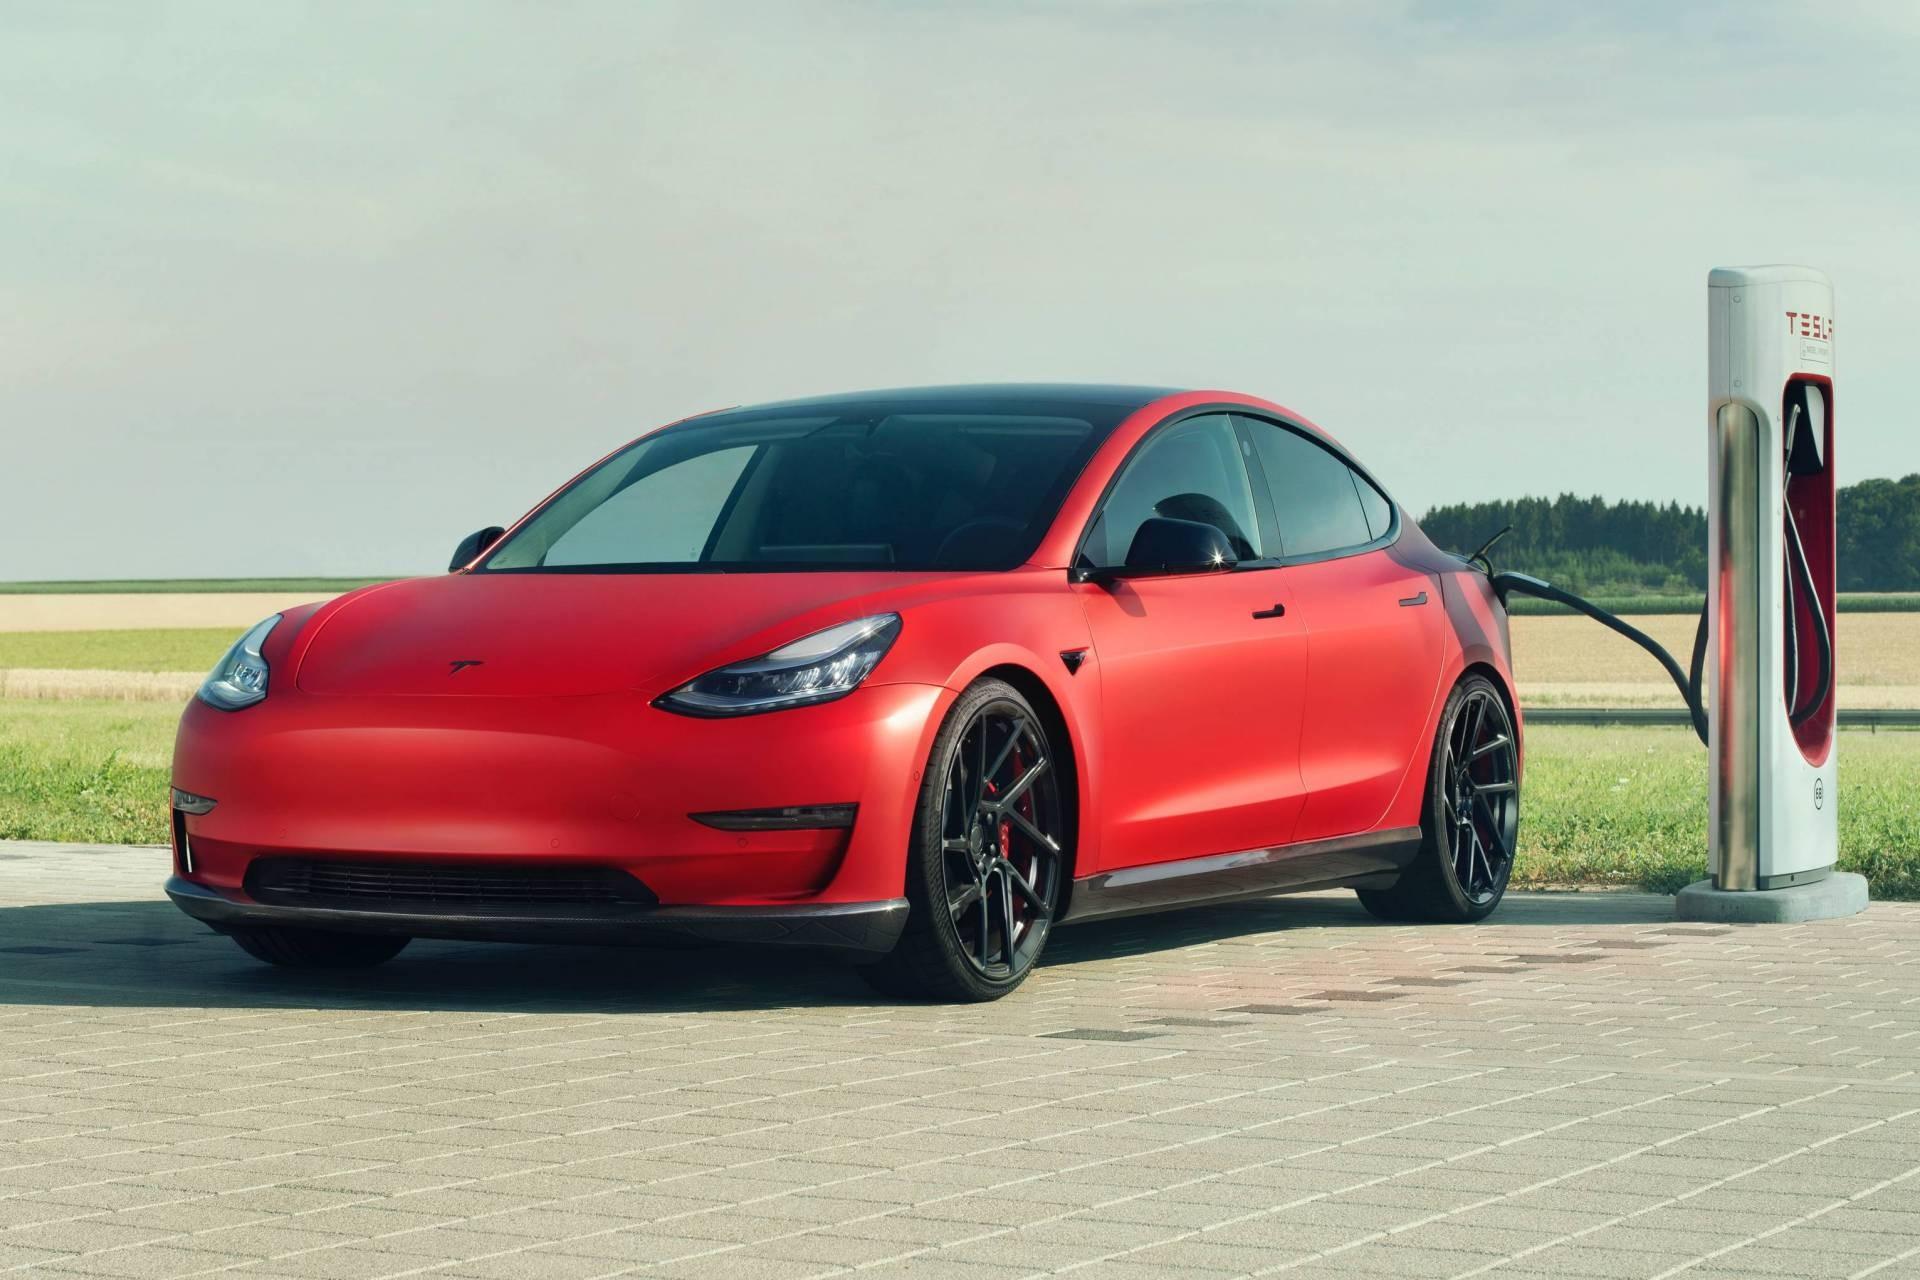 La nueva batería de Tesla que romperá el mercado llegará a final de año